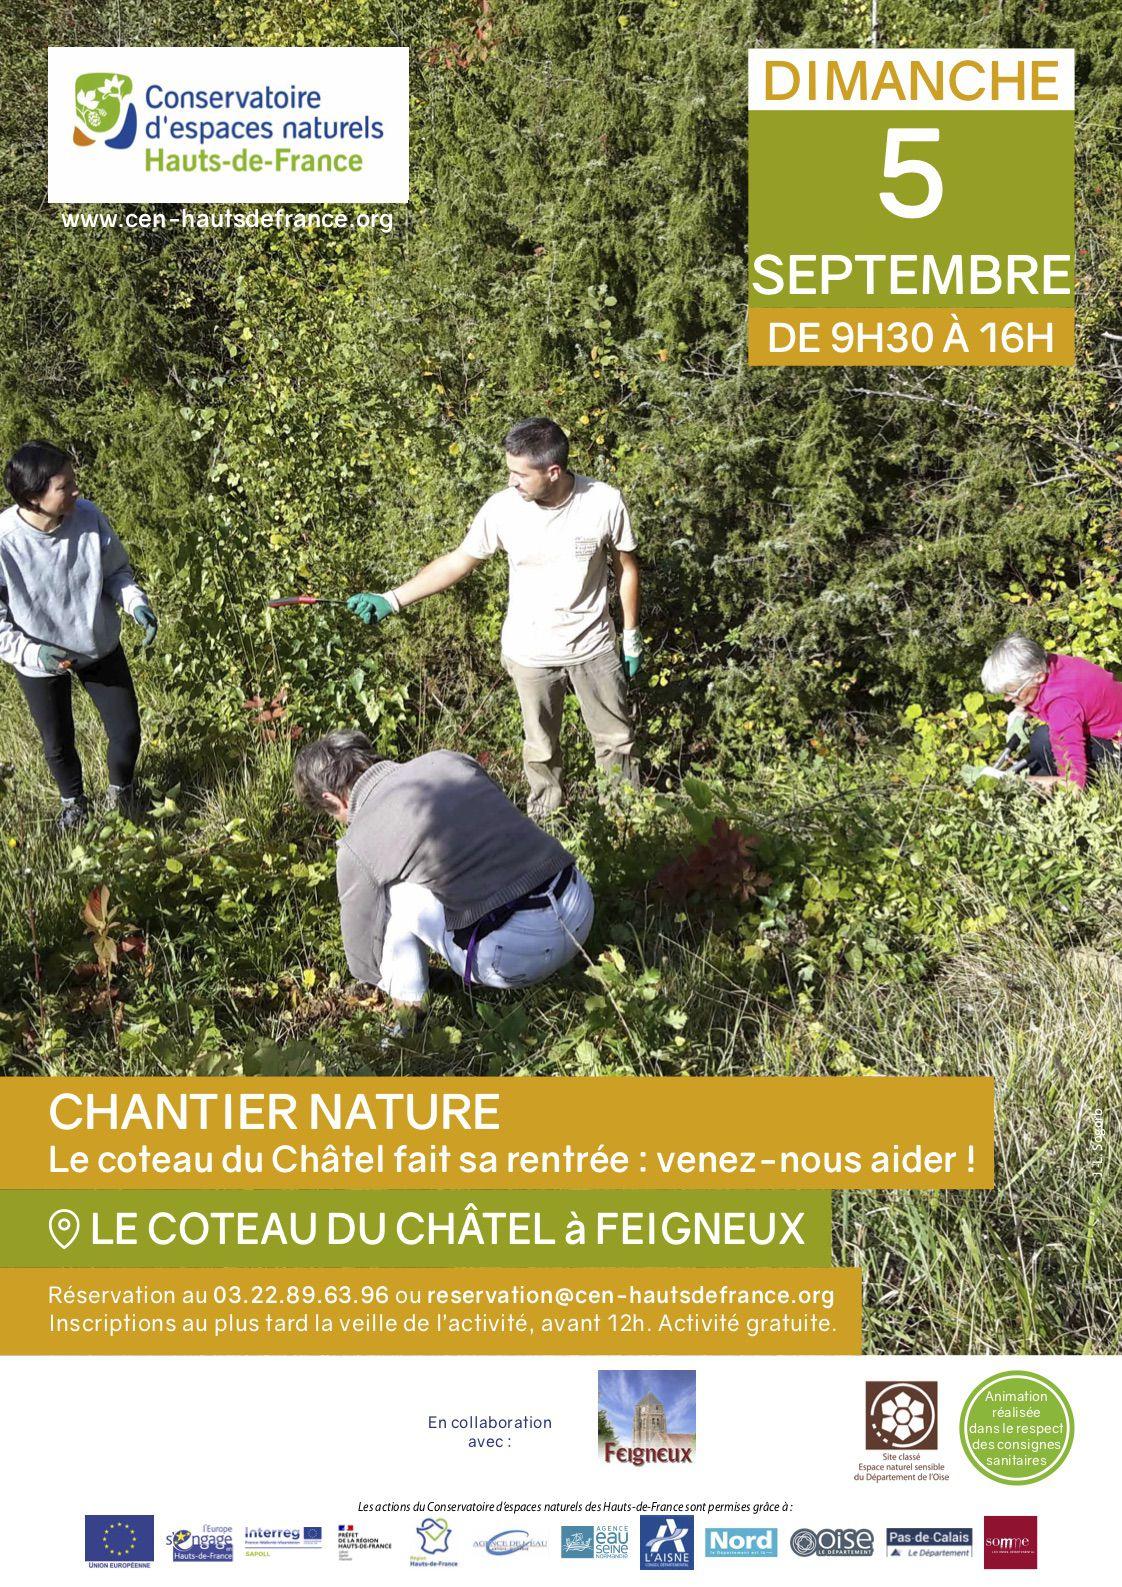 Communauté de communes du pays de Valois : une sortie nature à Saint-Vaast-de-Longmont et un chantier nature à Feigneux